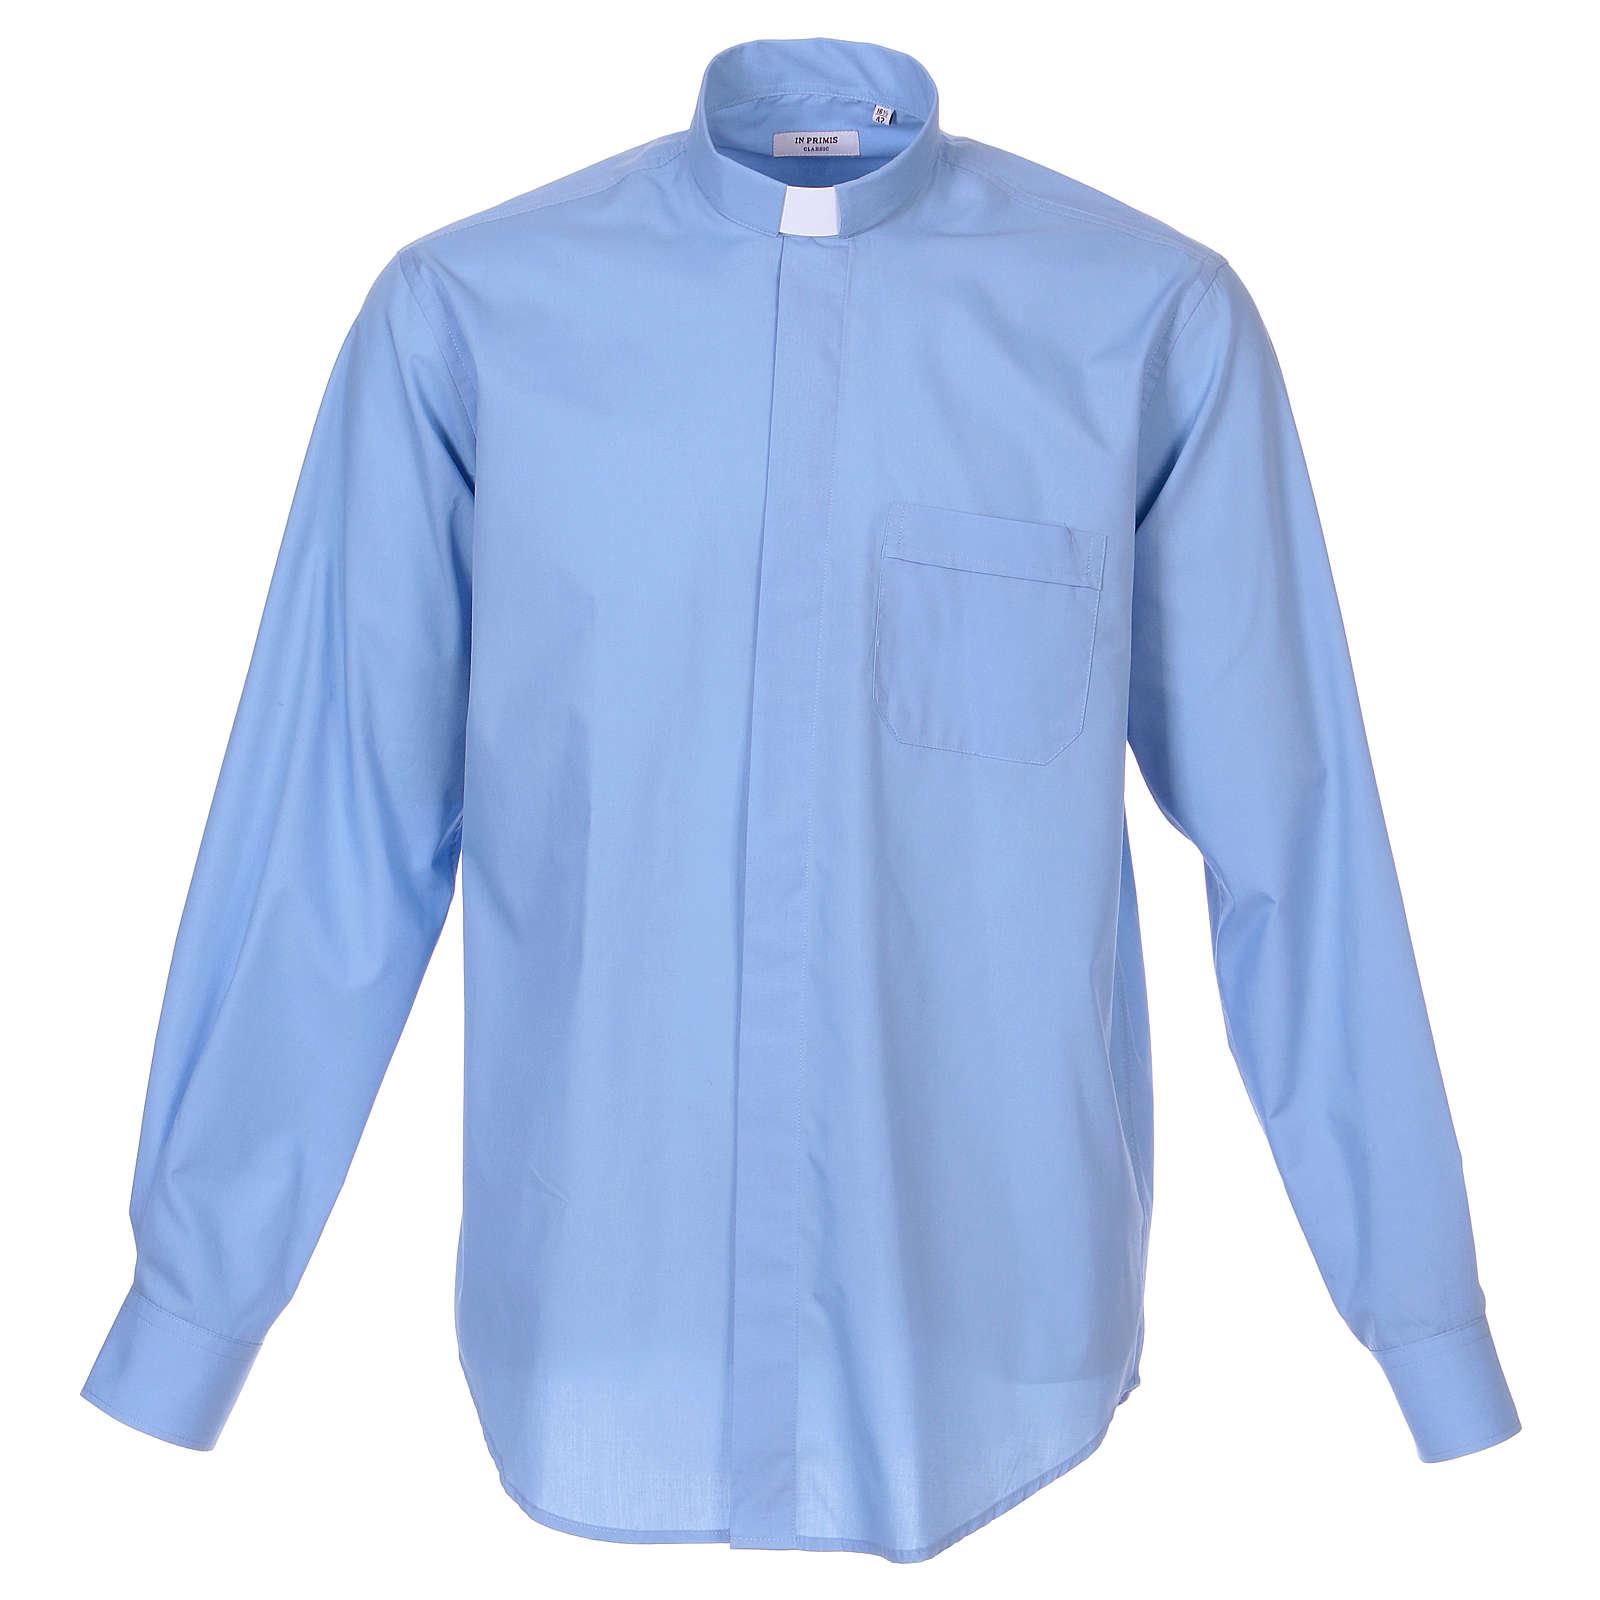 Koszula kapłańska długi rękaw błękitna mieszana bawełna In Primis 4